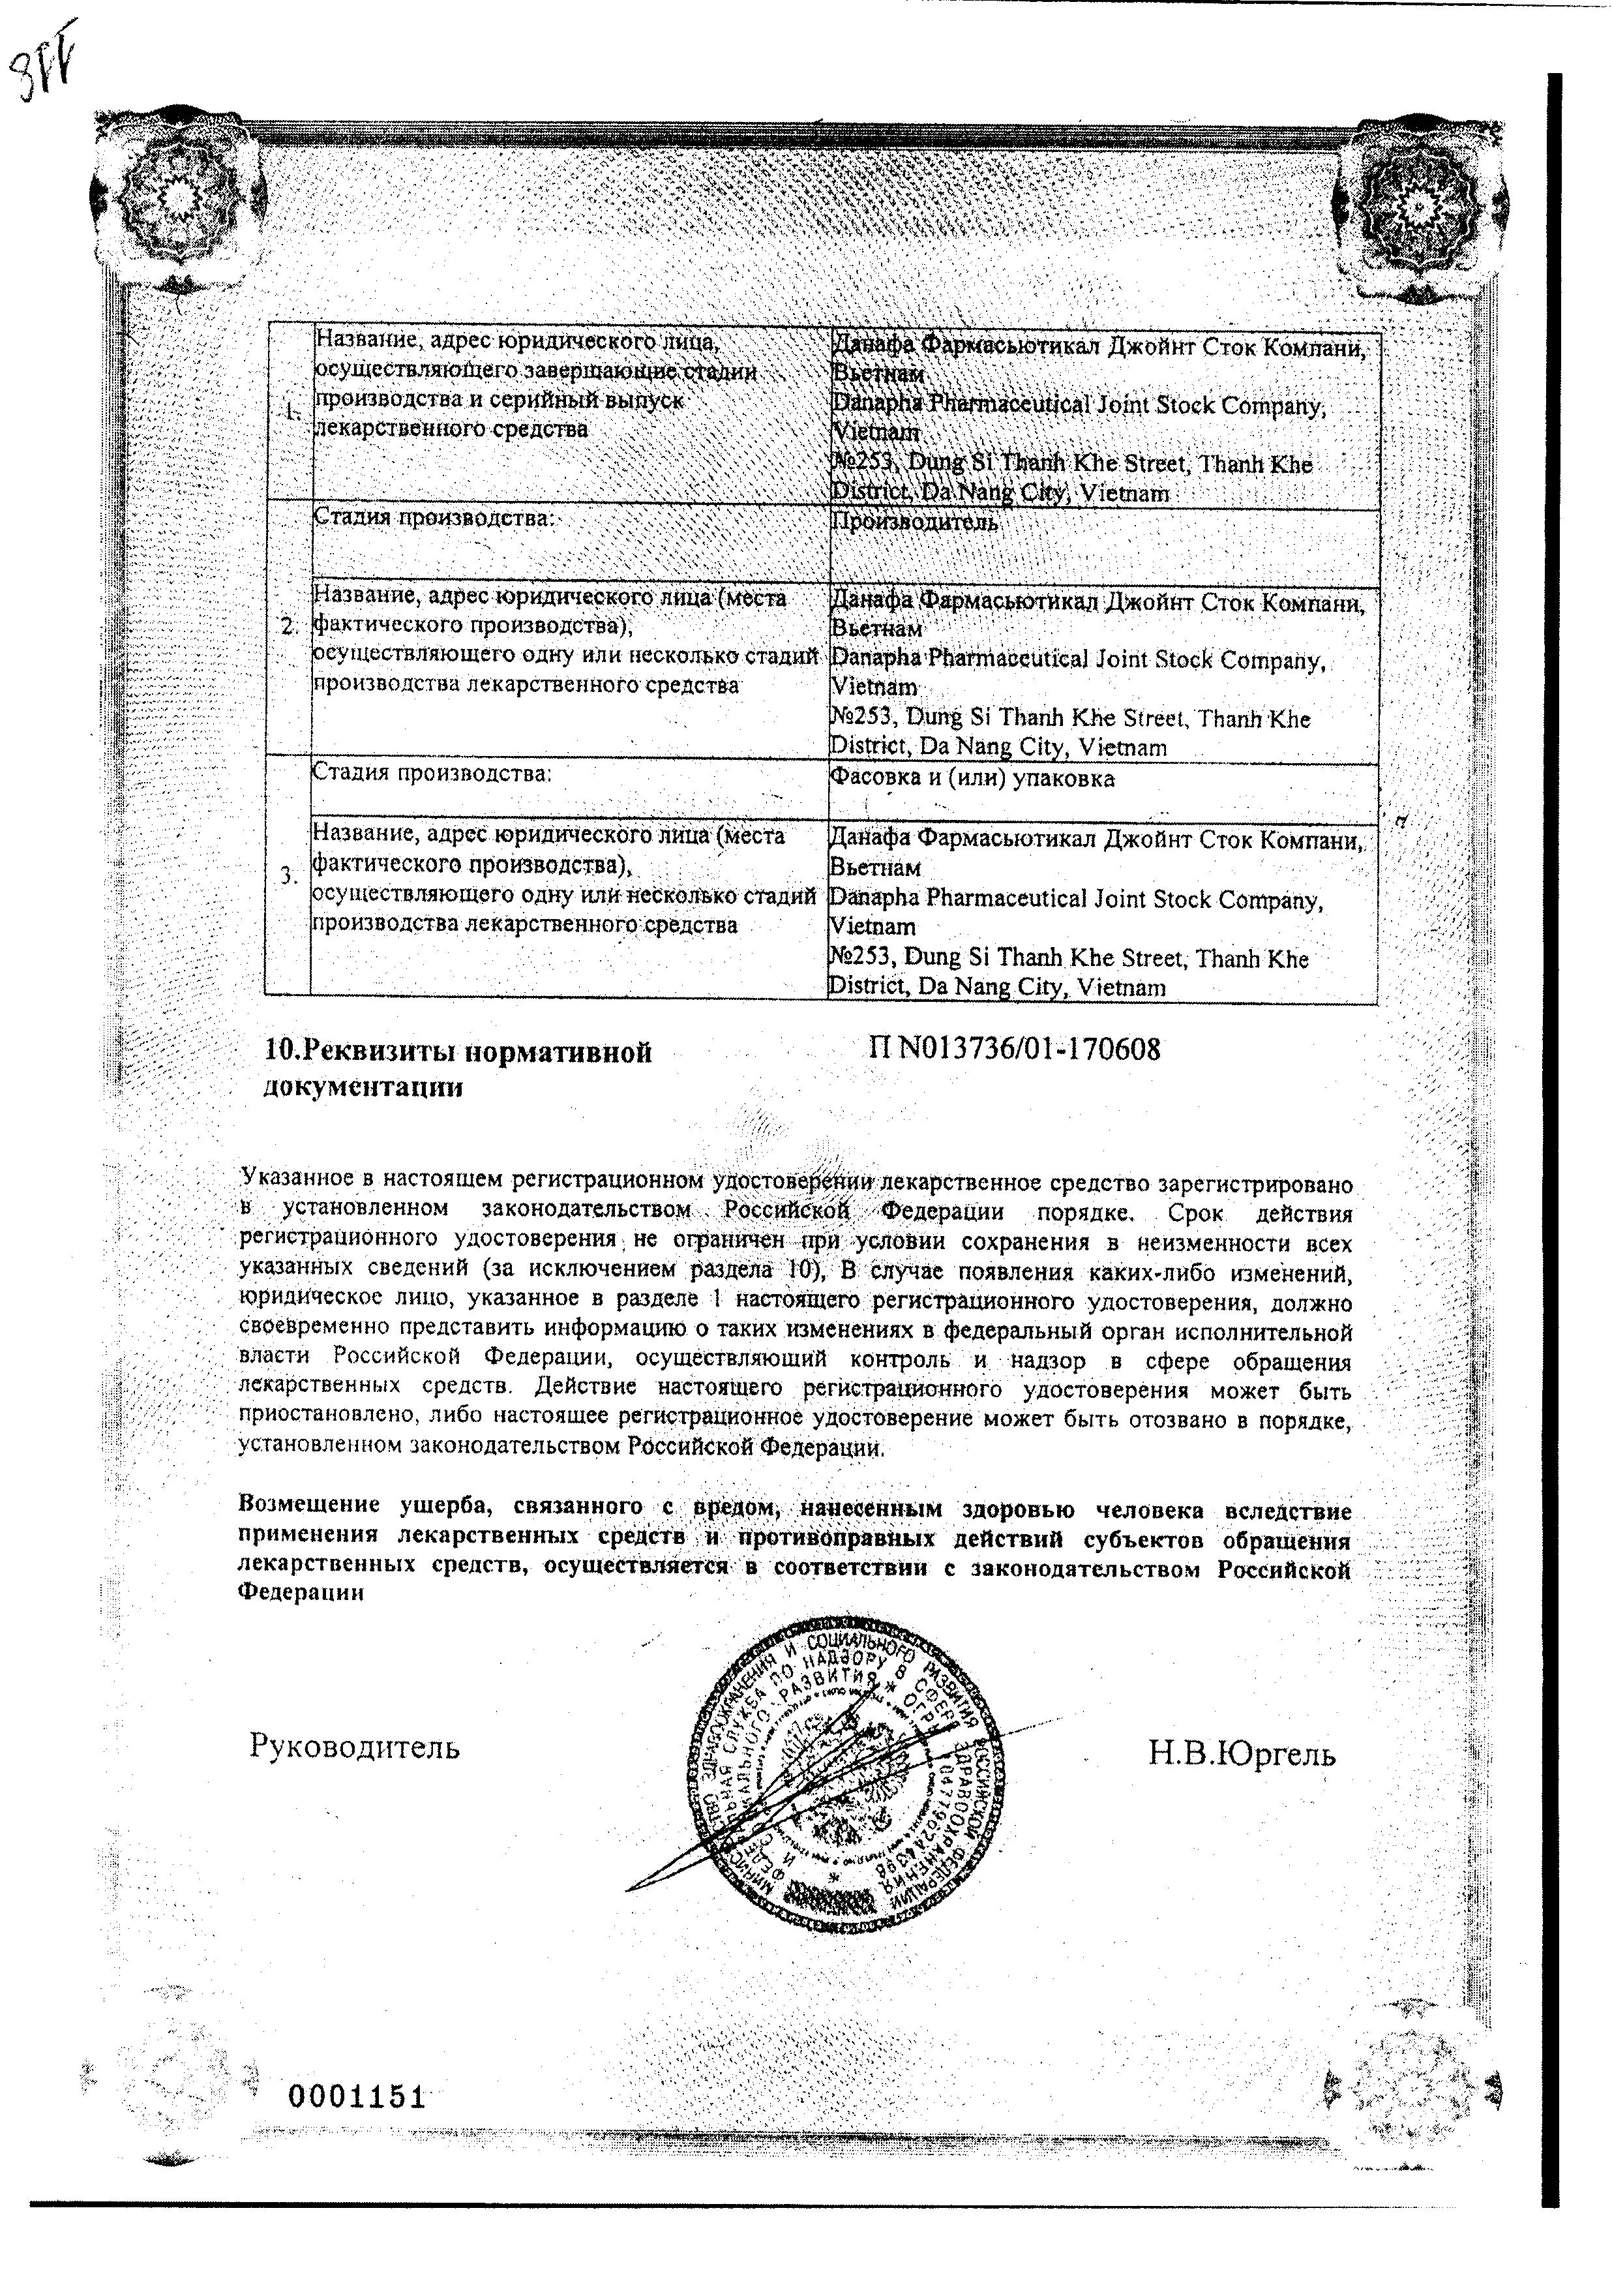 Золотая звезда бальзам жидкий сертификат